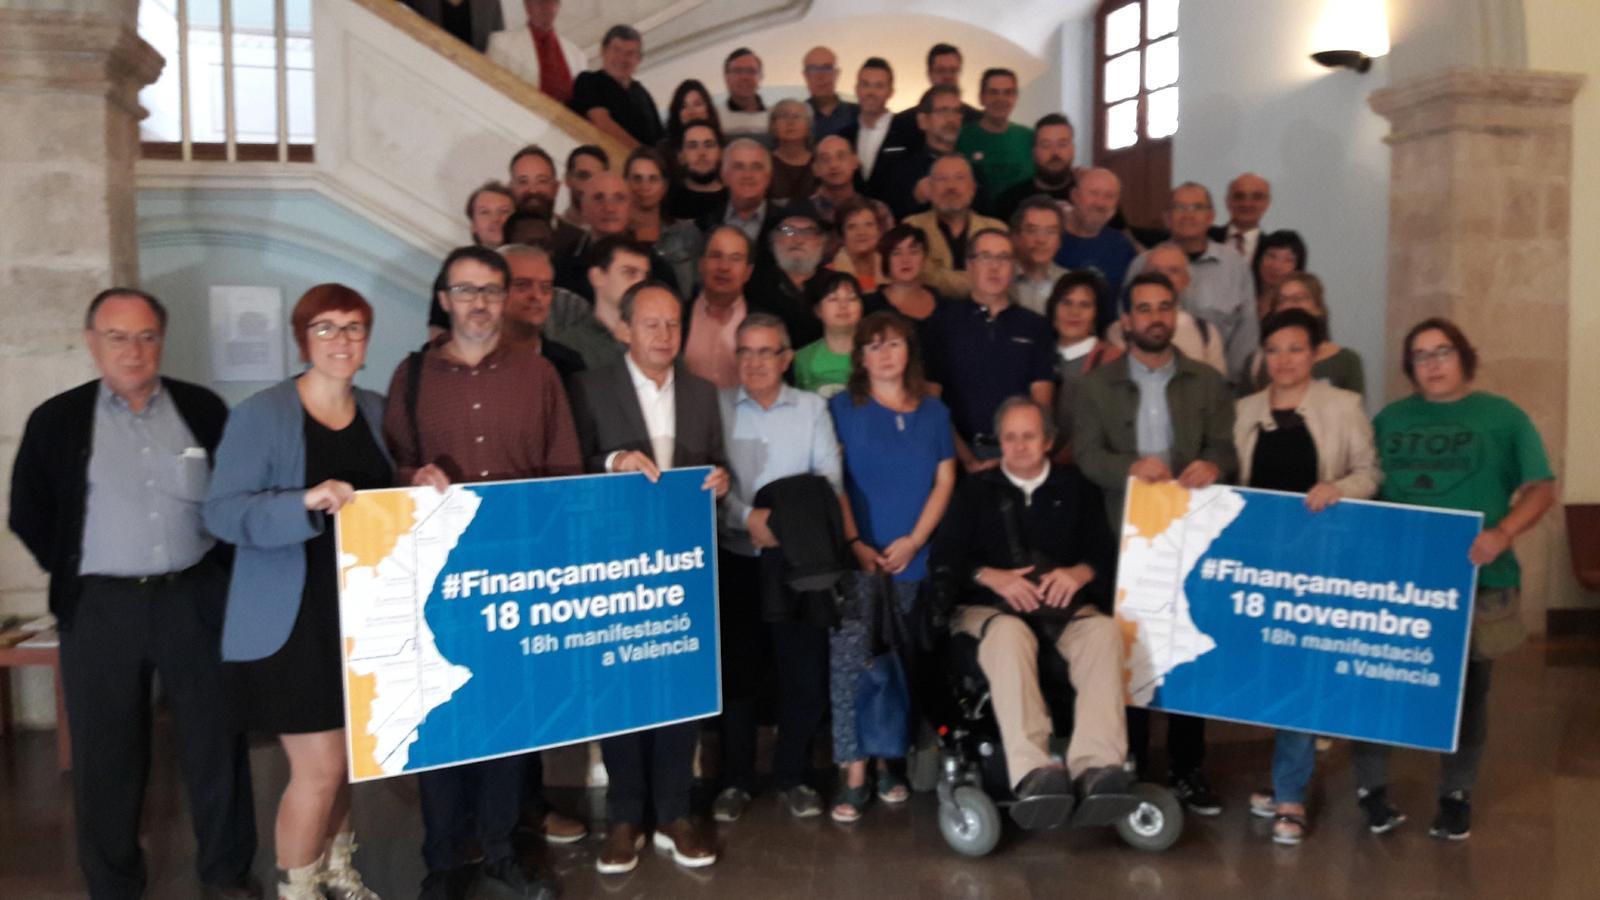 """Representants dels col·lectius que participaran en la manifestació pel """"finançament just"""" del proper 18 de novembre."""